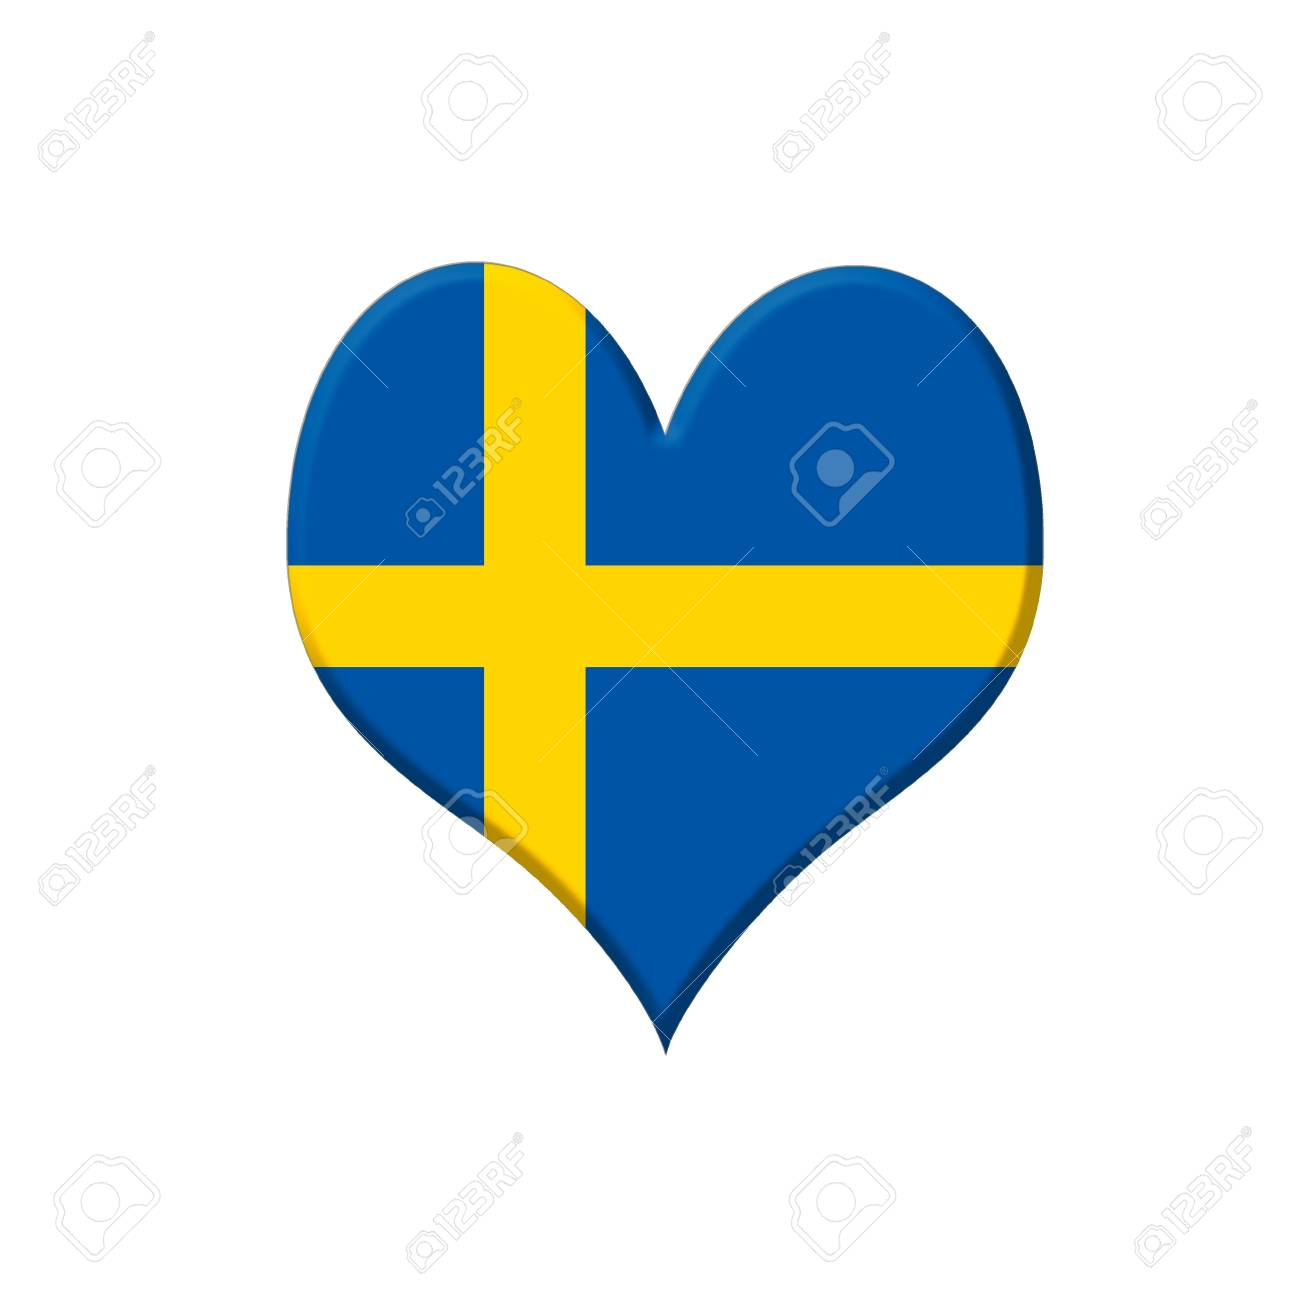 Illustrazione Con Un Cuore Svezia Su Sfondo Bianco Foto Royalty Free